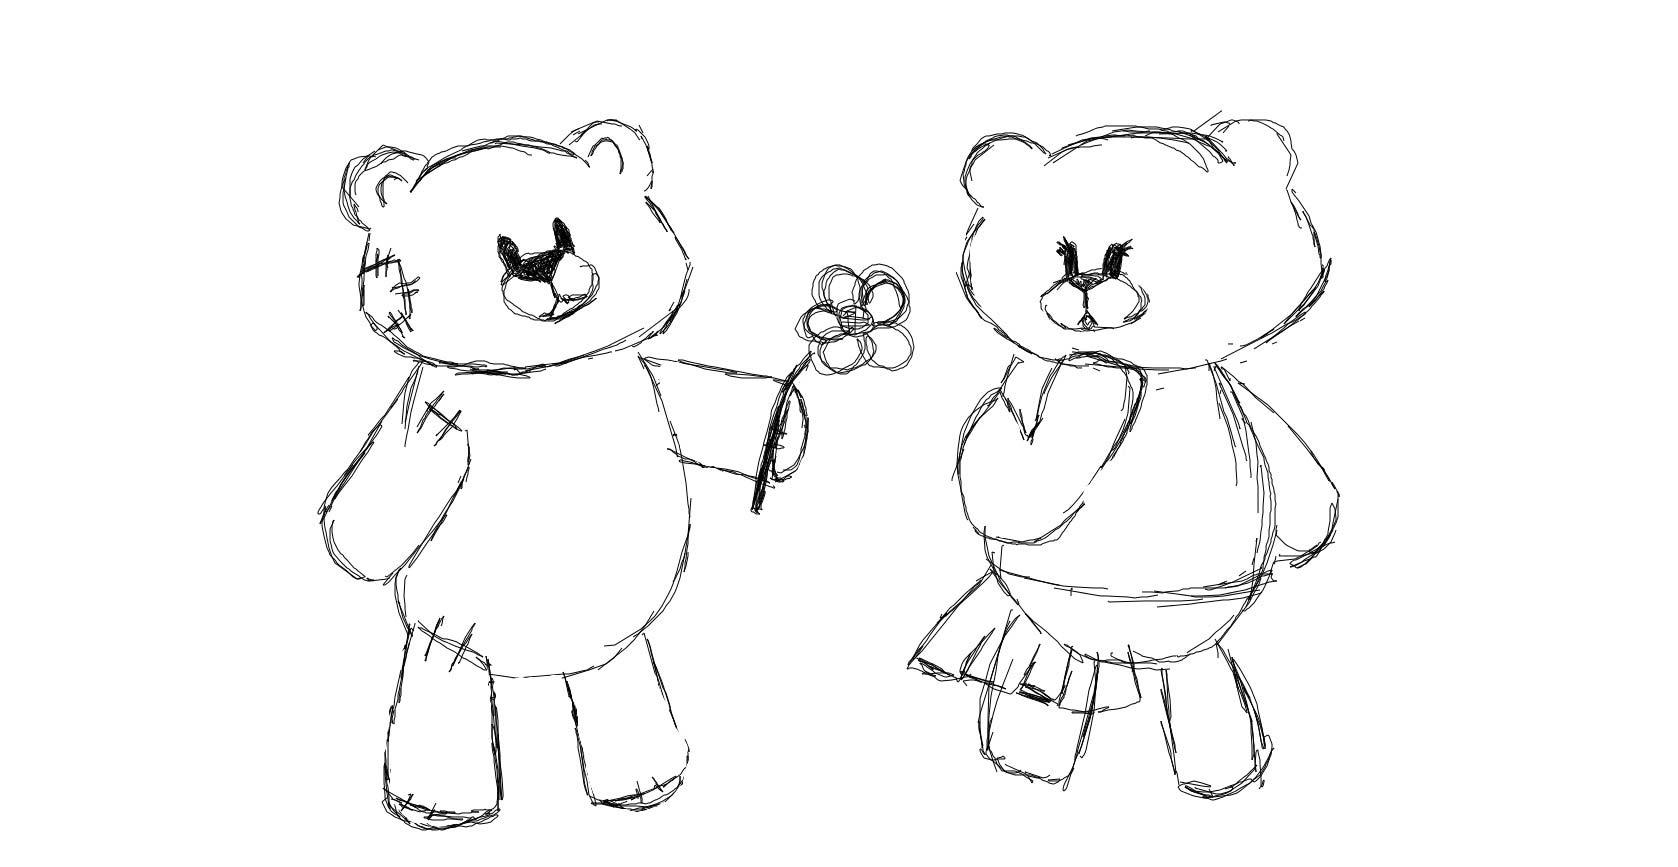 Рисунки для срисовки легкие и красивые карандашом прикольные для мальчиков